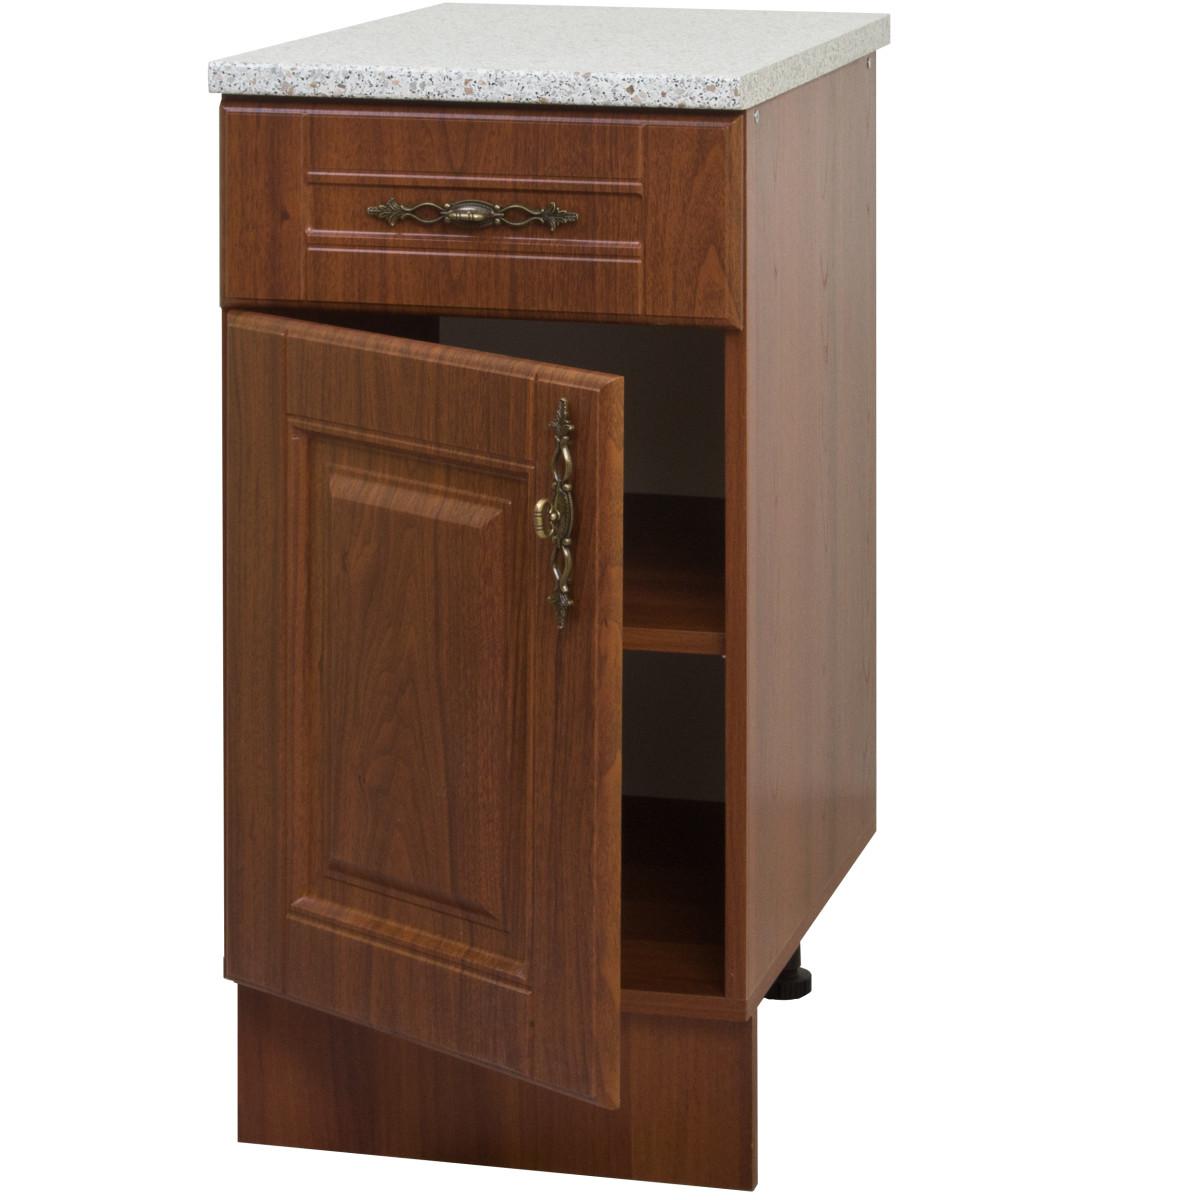 Шкаф напольный Орех с 1 ящиком 40х83.7х60 см цвет темный орех